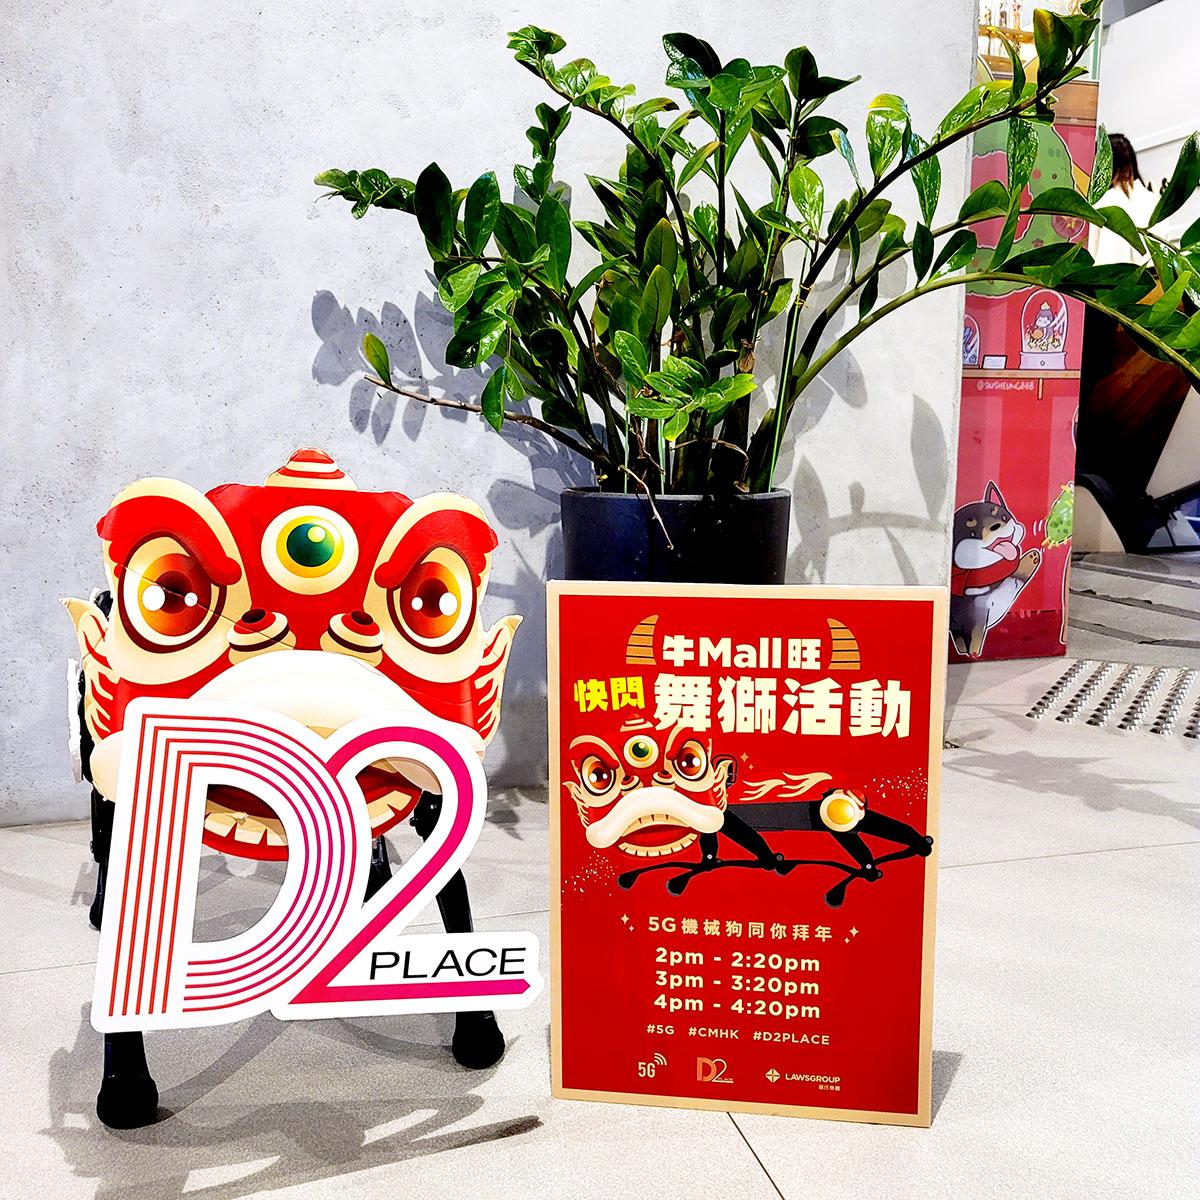 羅氏集團緊貼 5G 步伐 部署中國移動香港智能物管方案提升營運效率